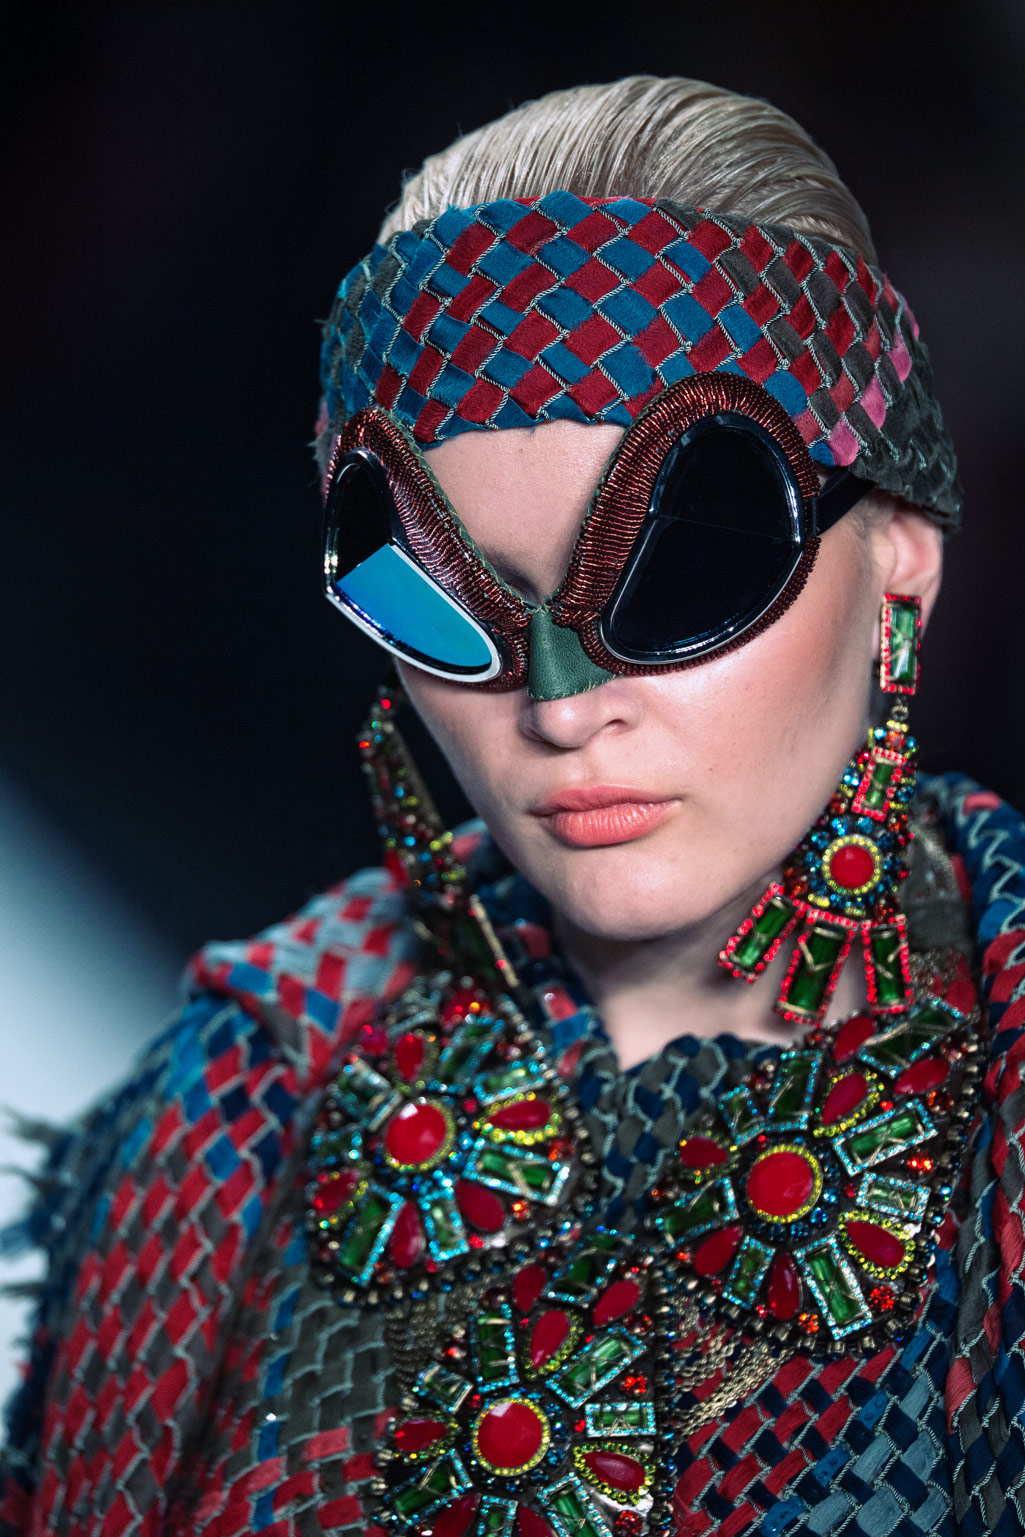 fashionweek-berlin-aw14-009